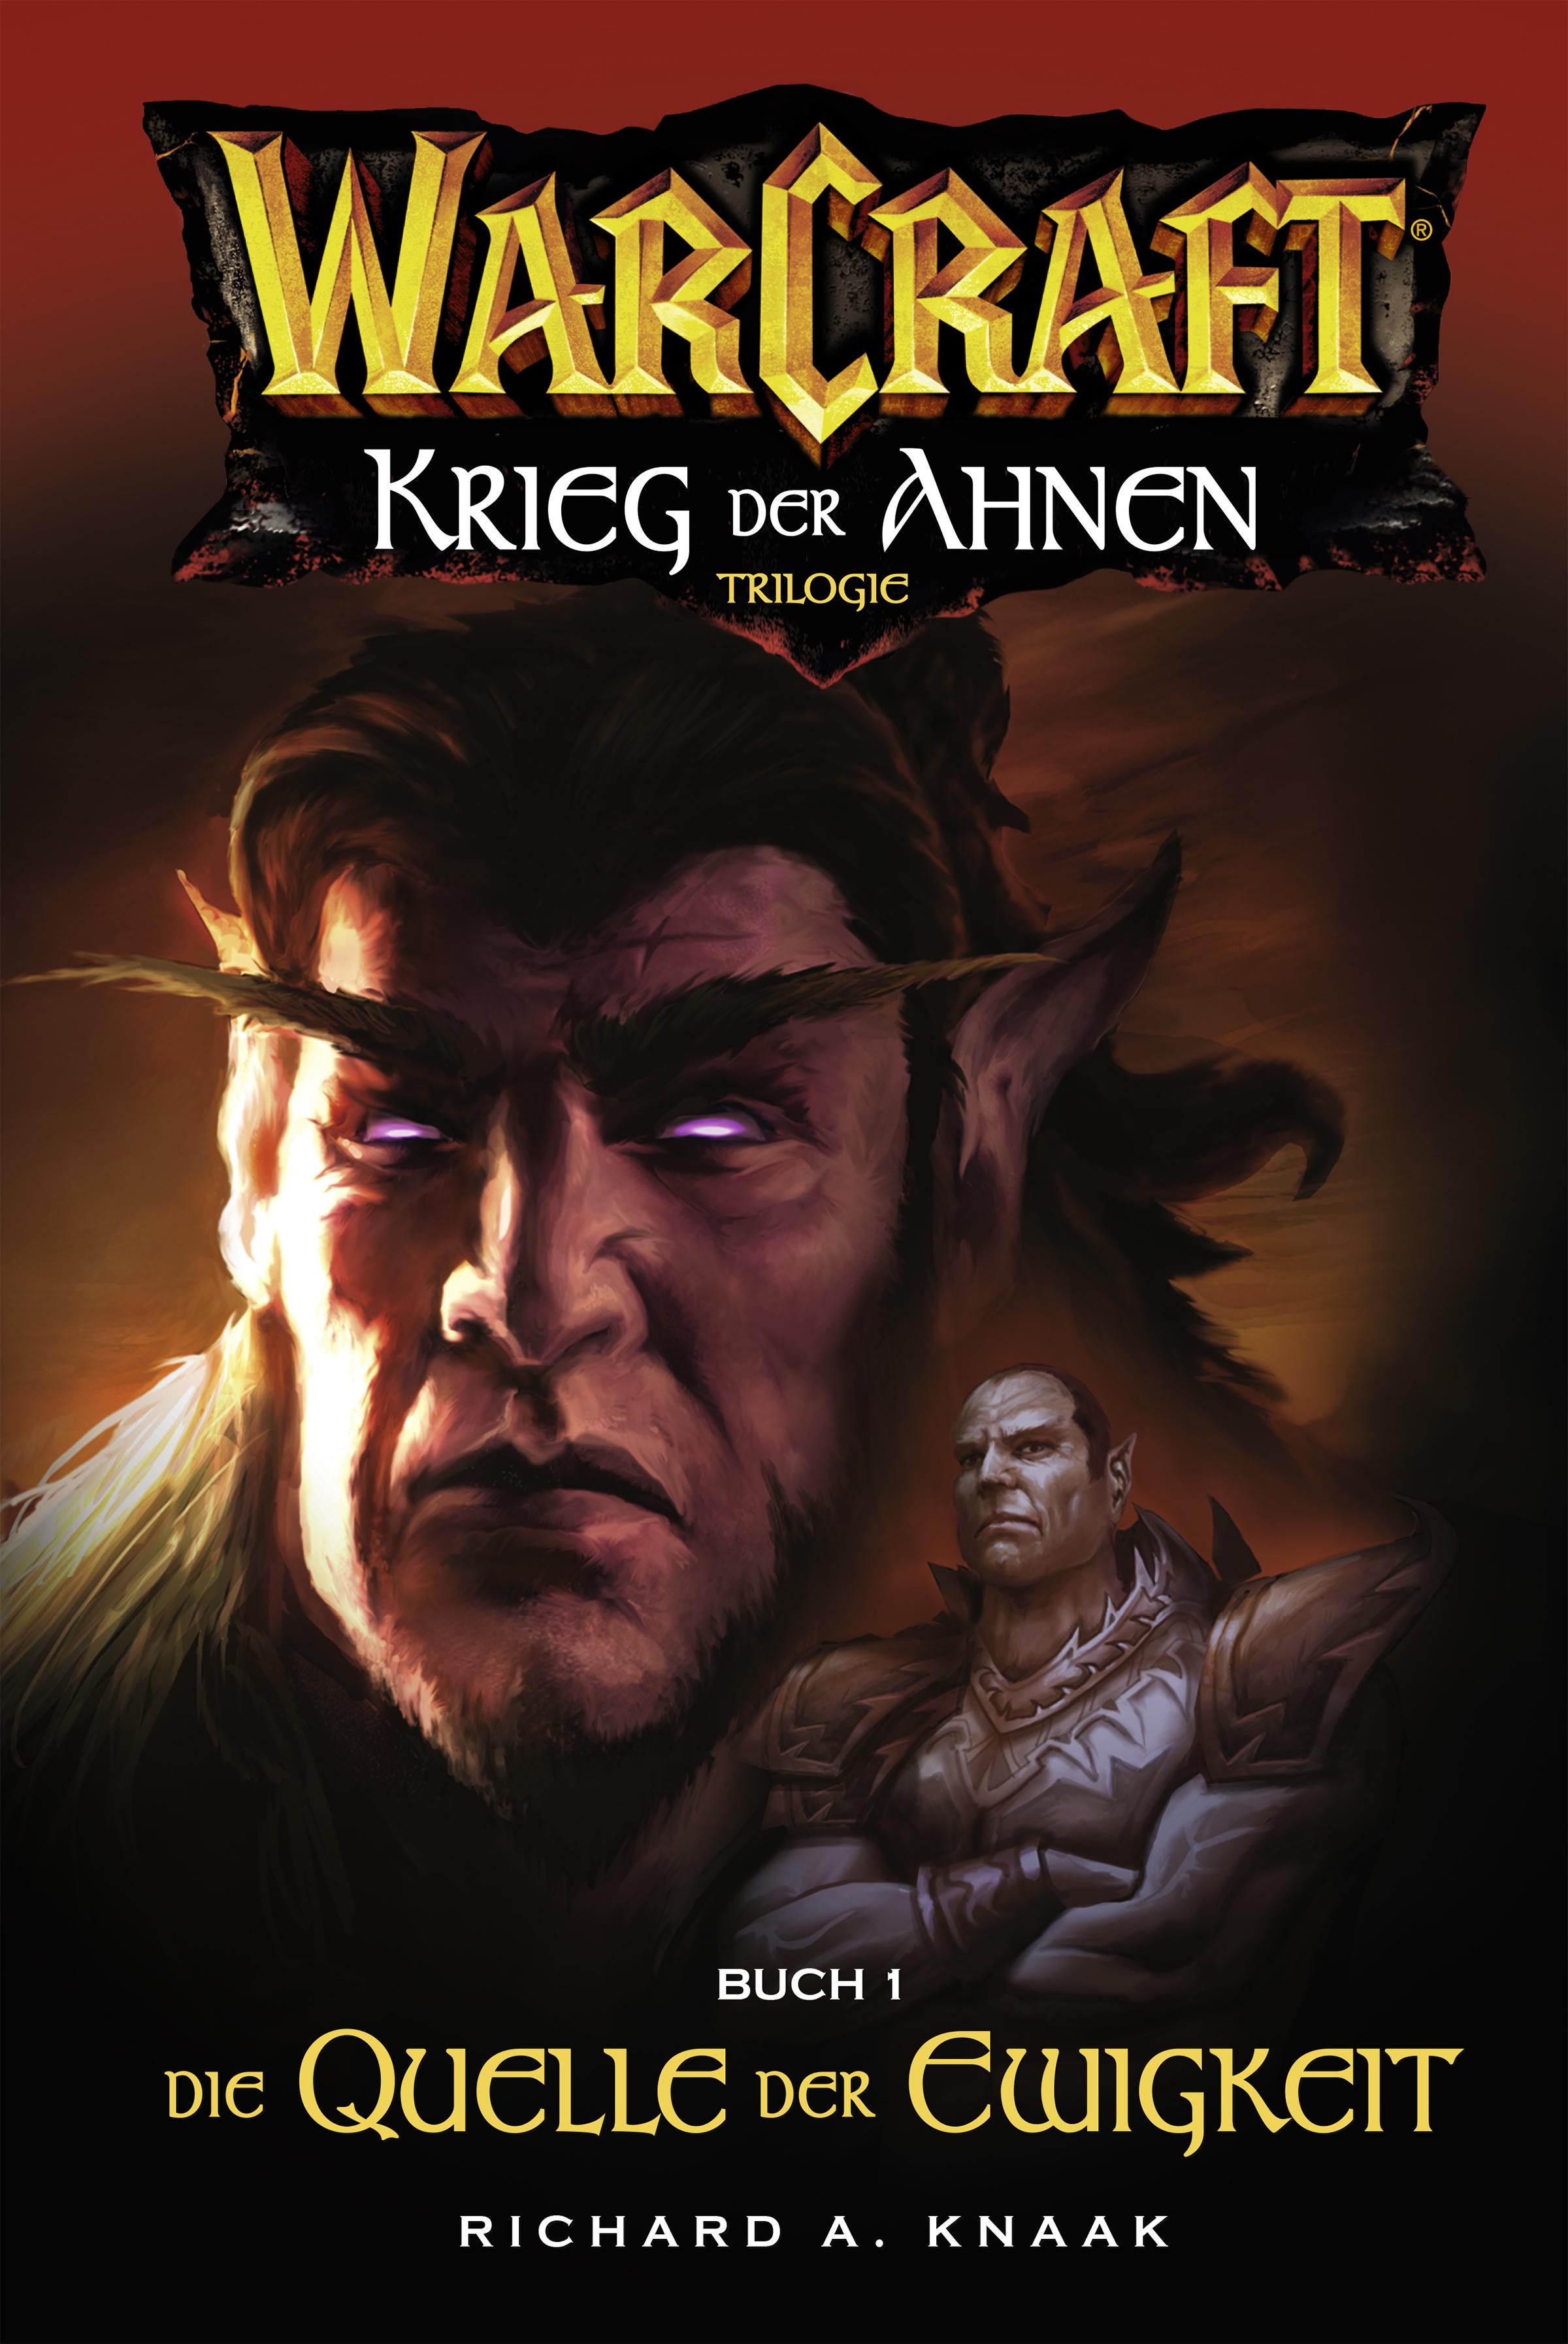 Richard A. Knaak World of Warcraft: Krieg der Ahnen I christie golden world of warcraft band 2 der aufstieg der horde